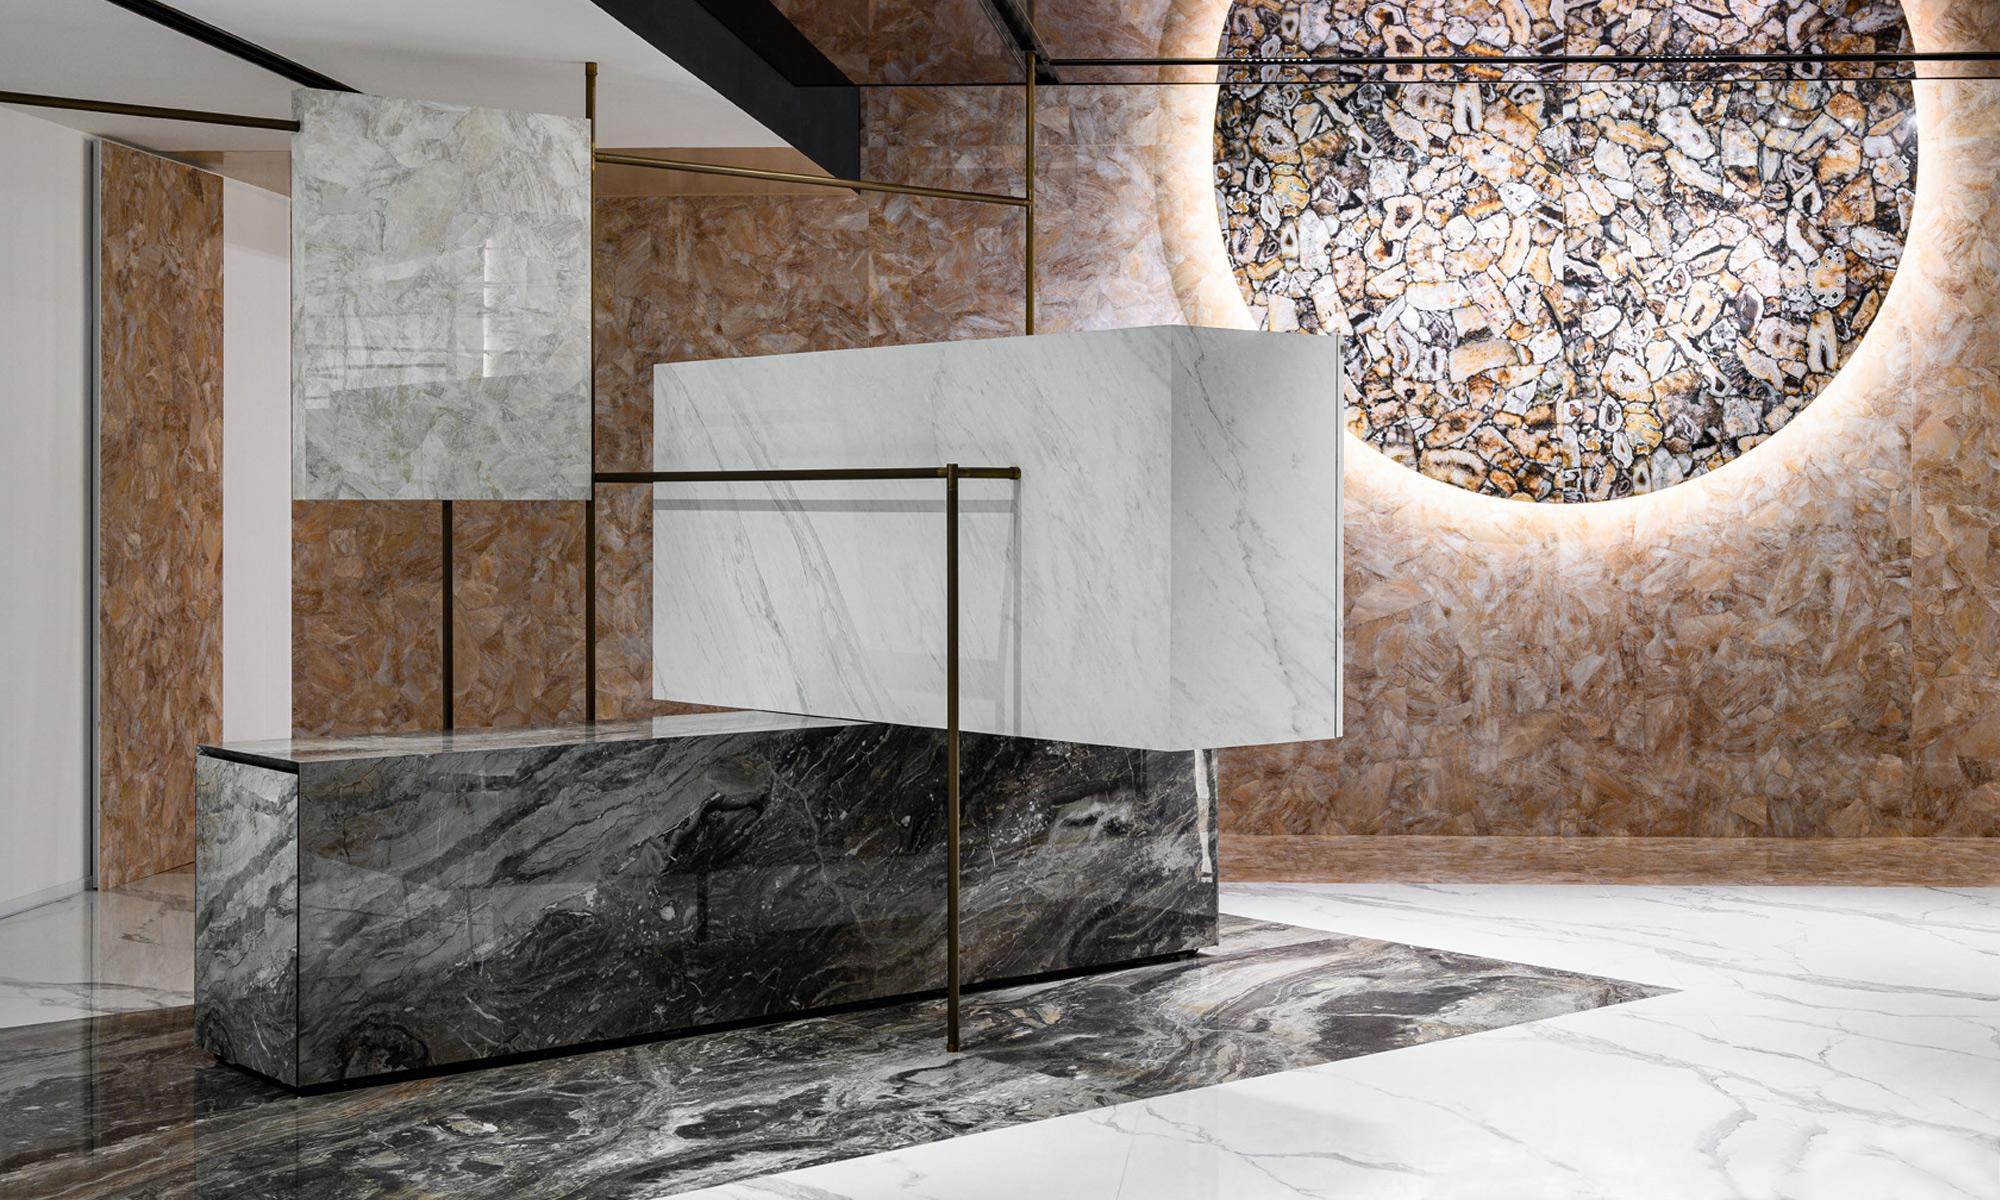 porcelain tile images: Marvel range high quality photo